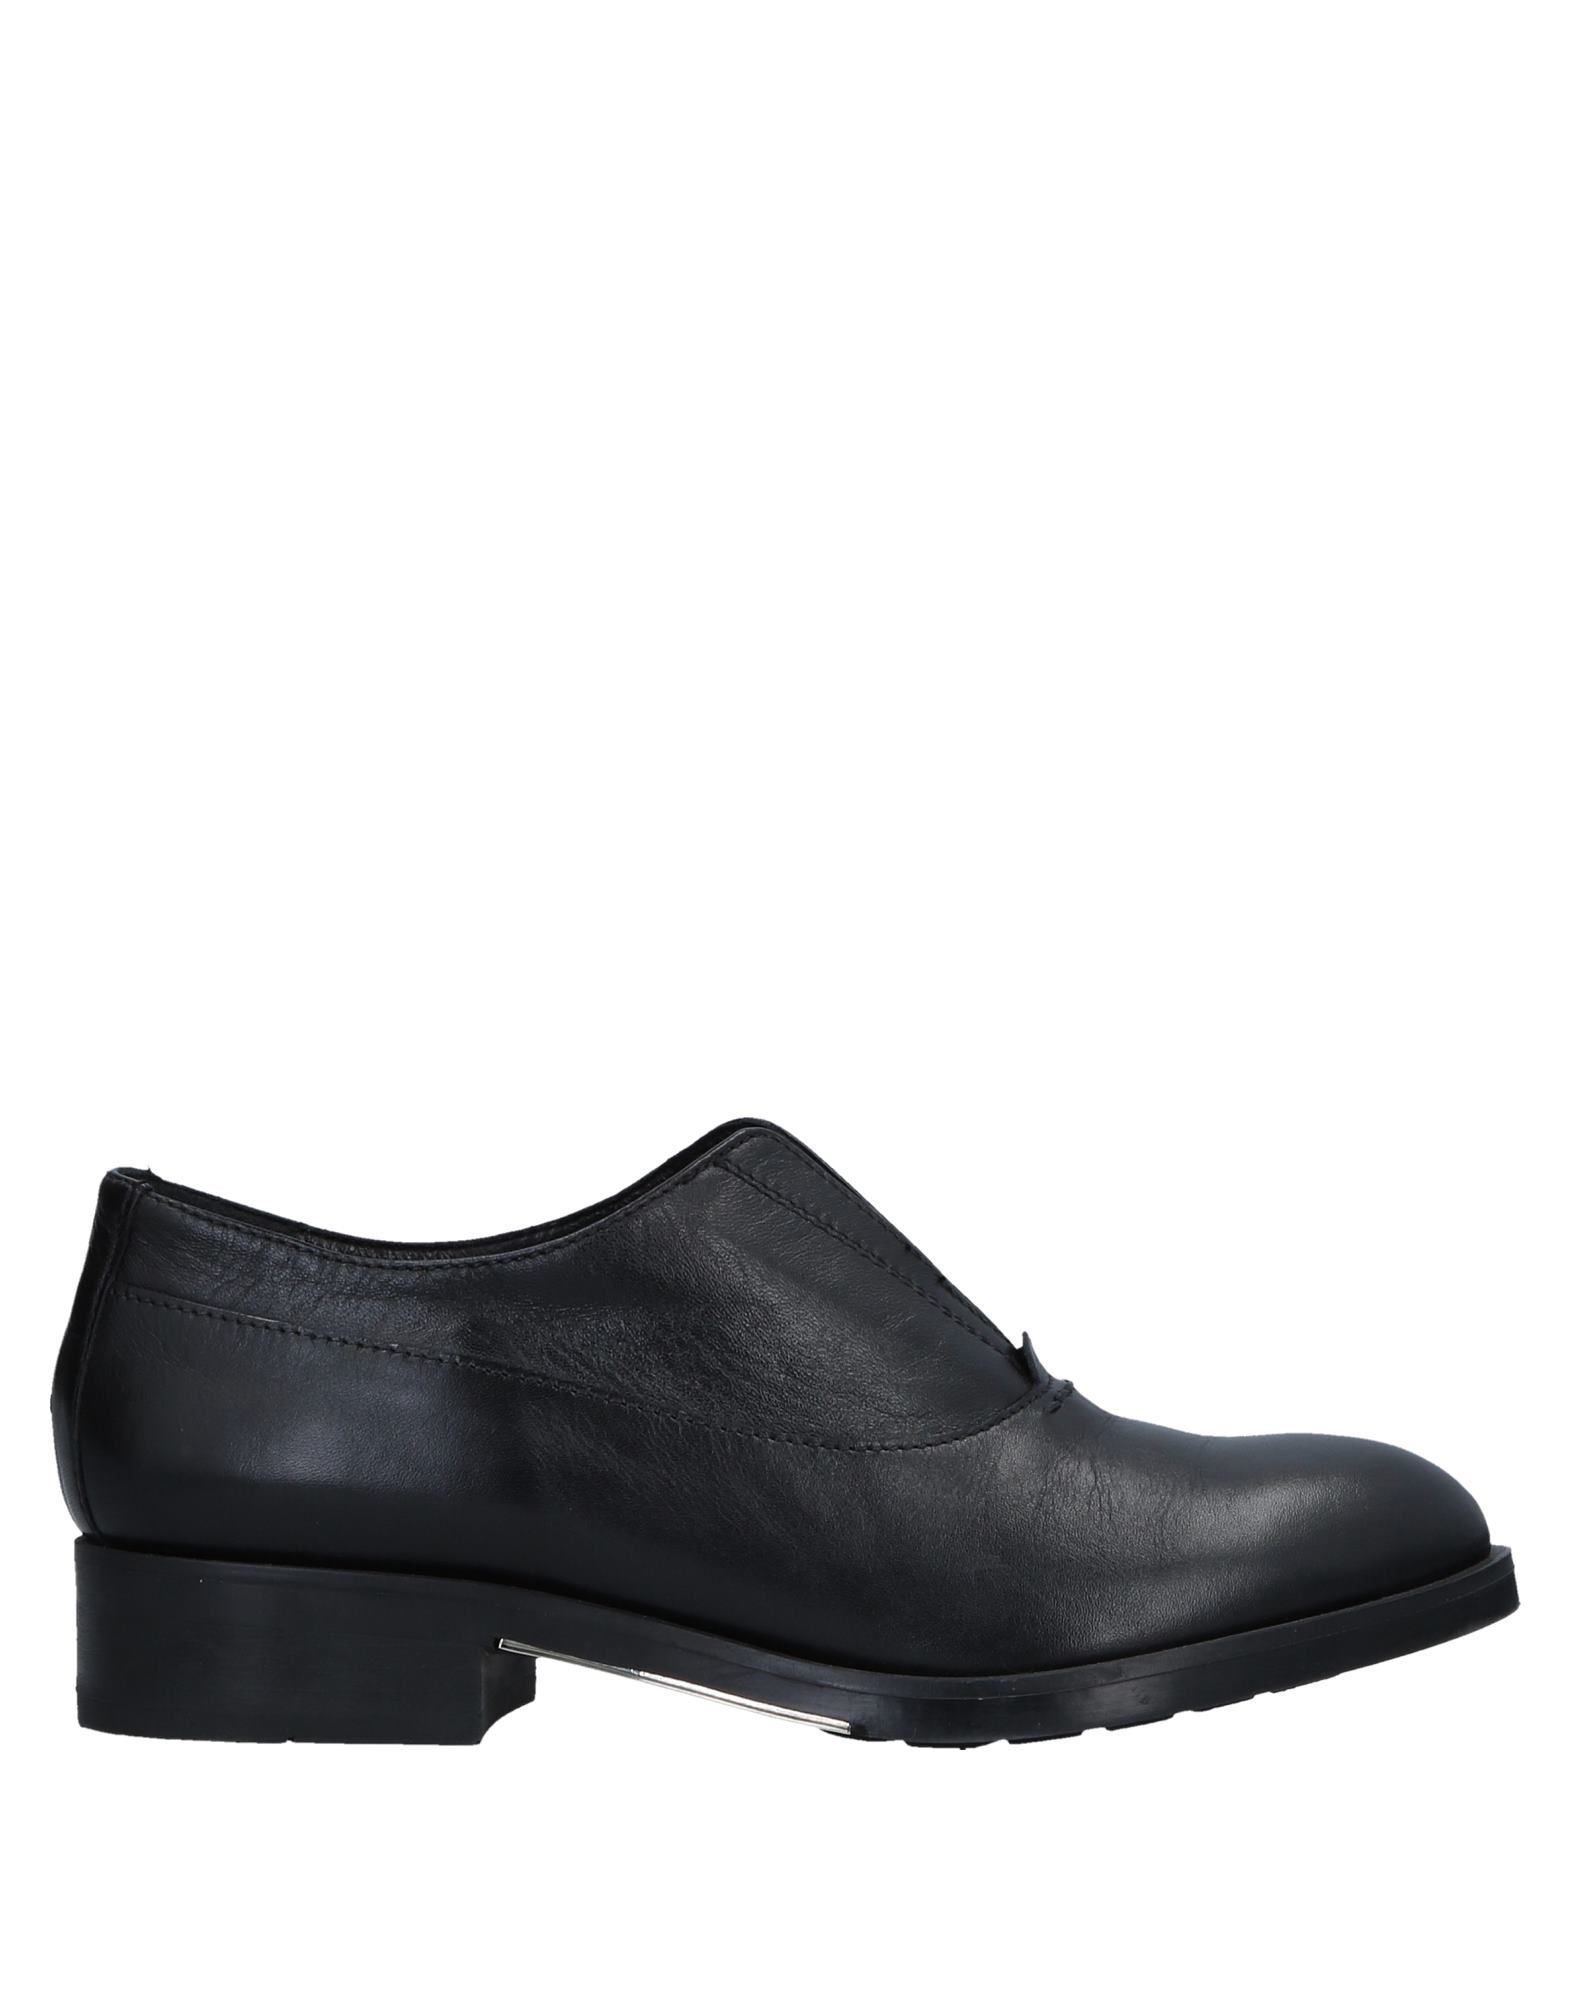 Carmens Loafers Loafers - Women Carmens Loafers Carmens online on  Australia - 11538237GN bb0c9e